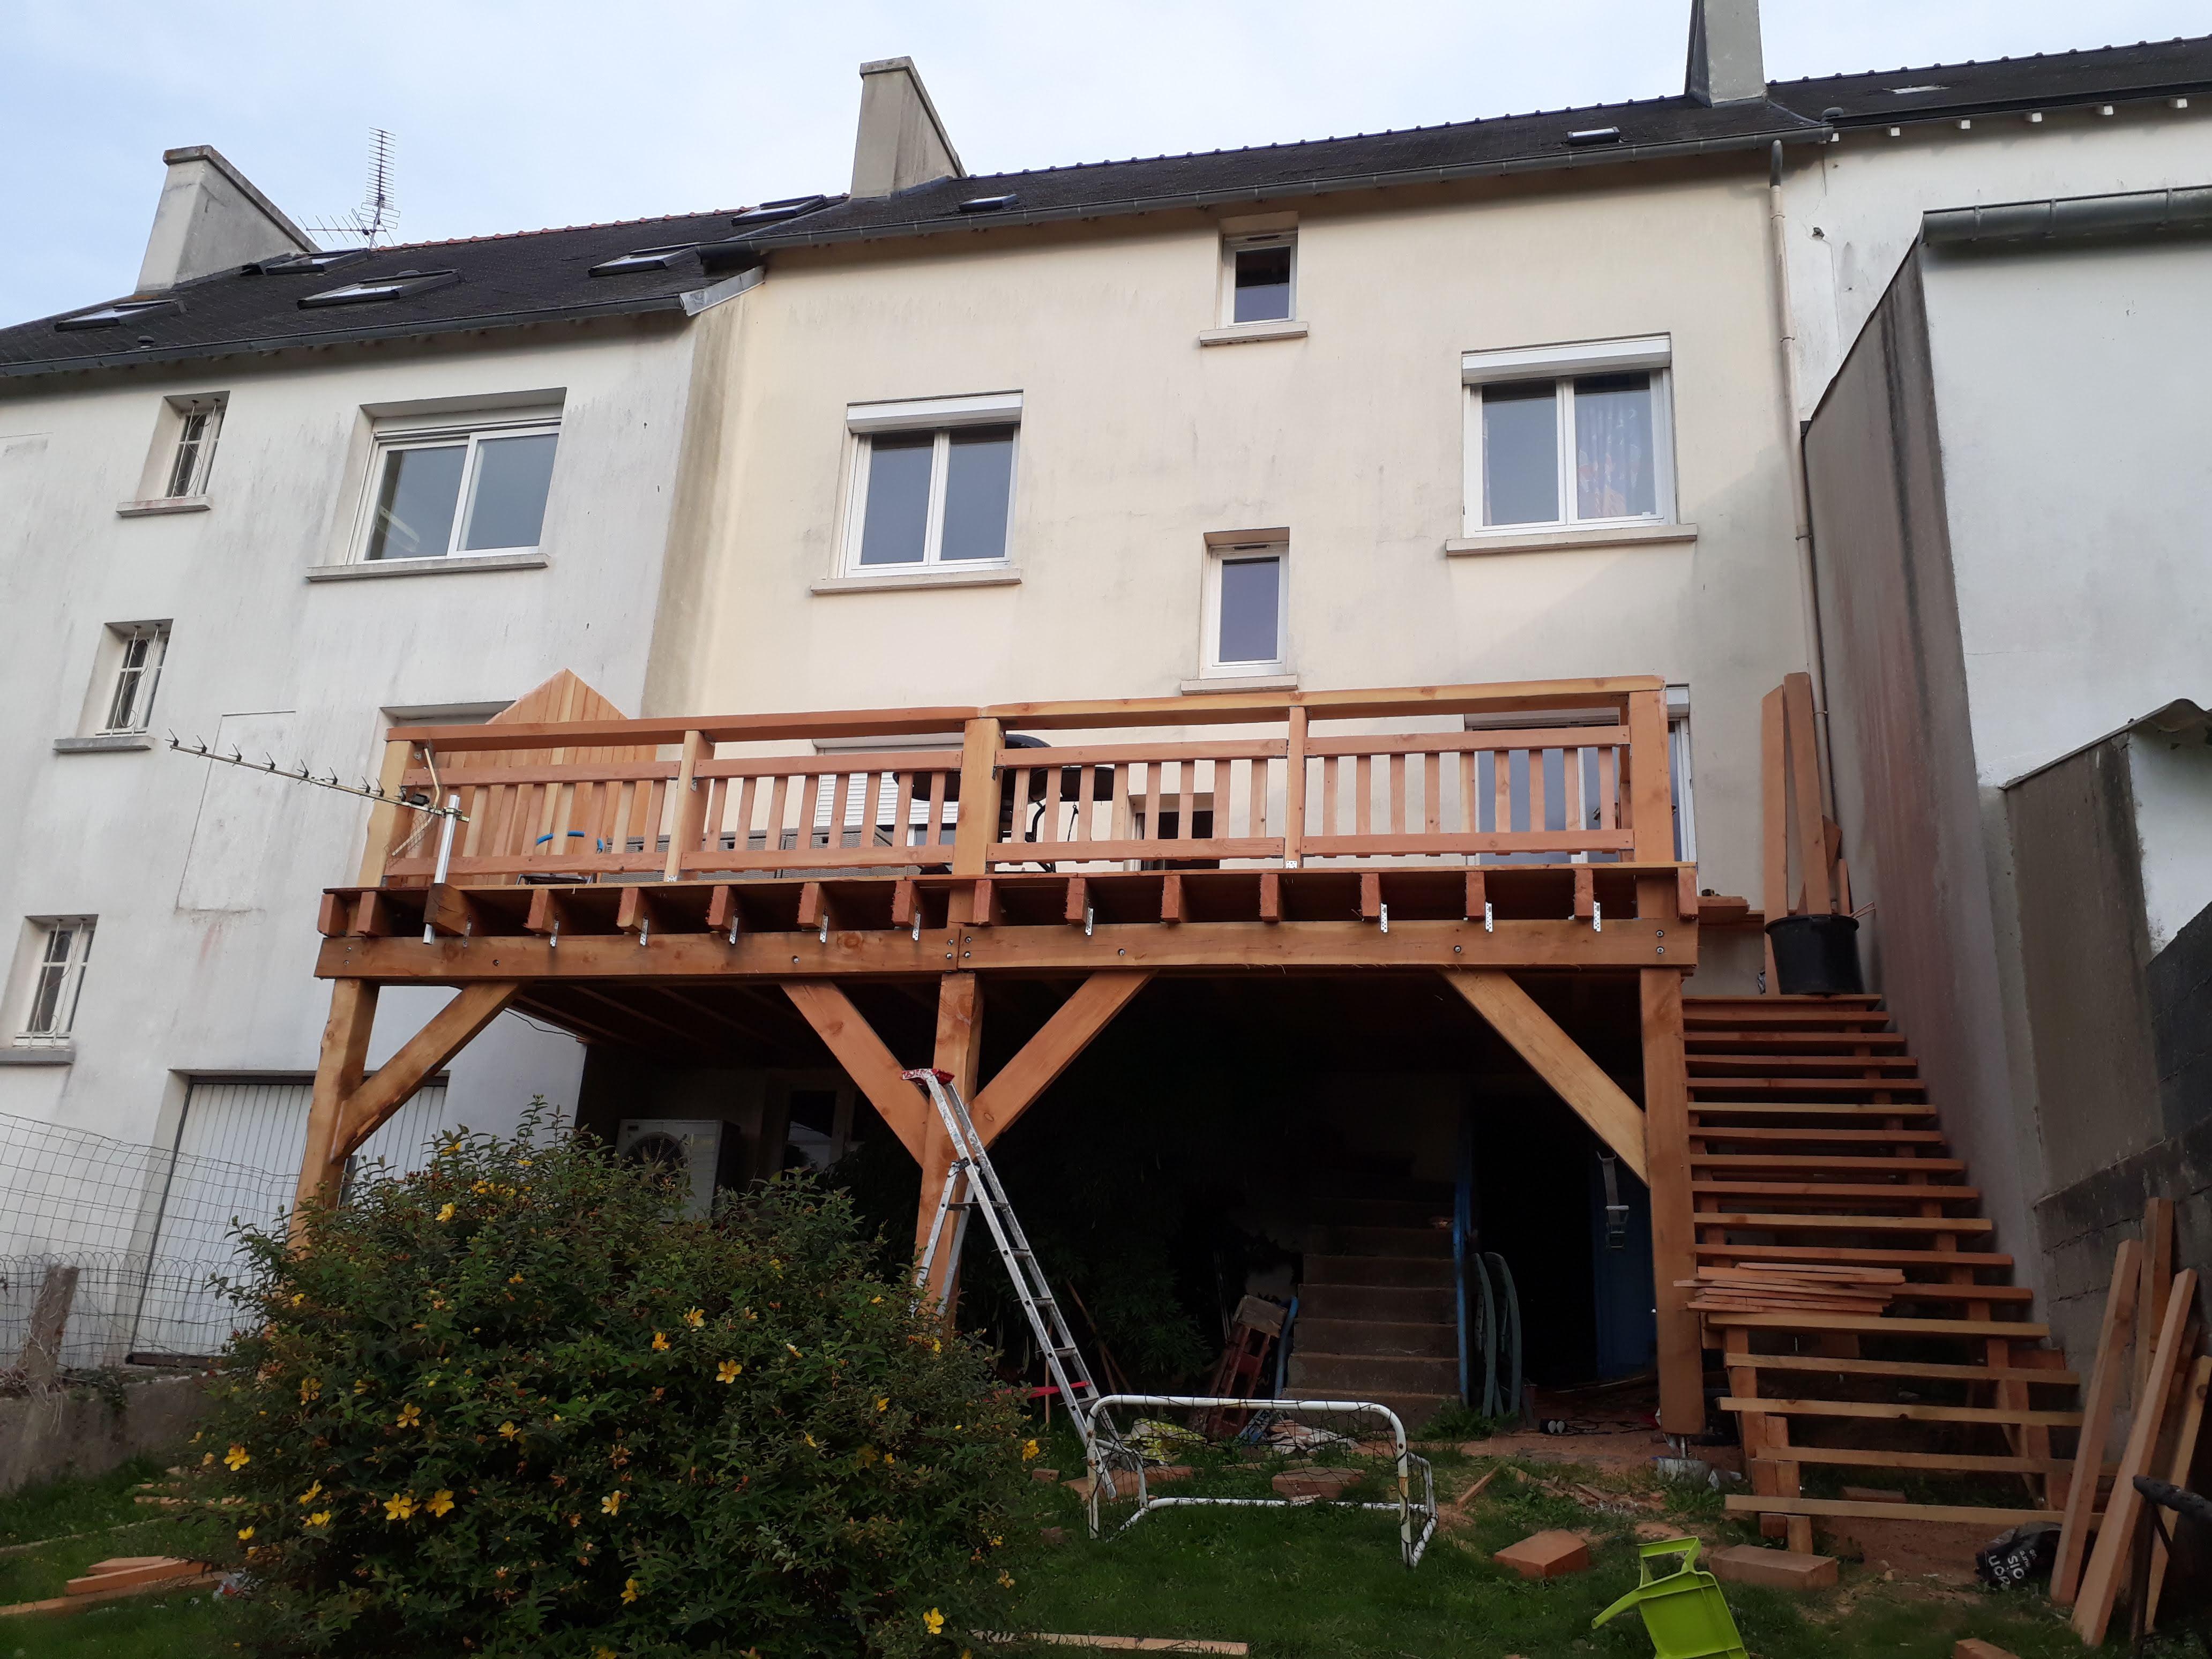 Construire Une Terrasse En Bois Surelevee terrasse sur pilotis - ▷ le guide des terrasses en bois